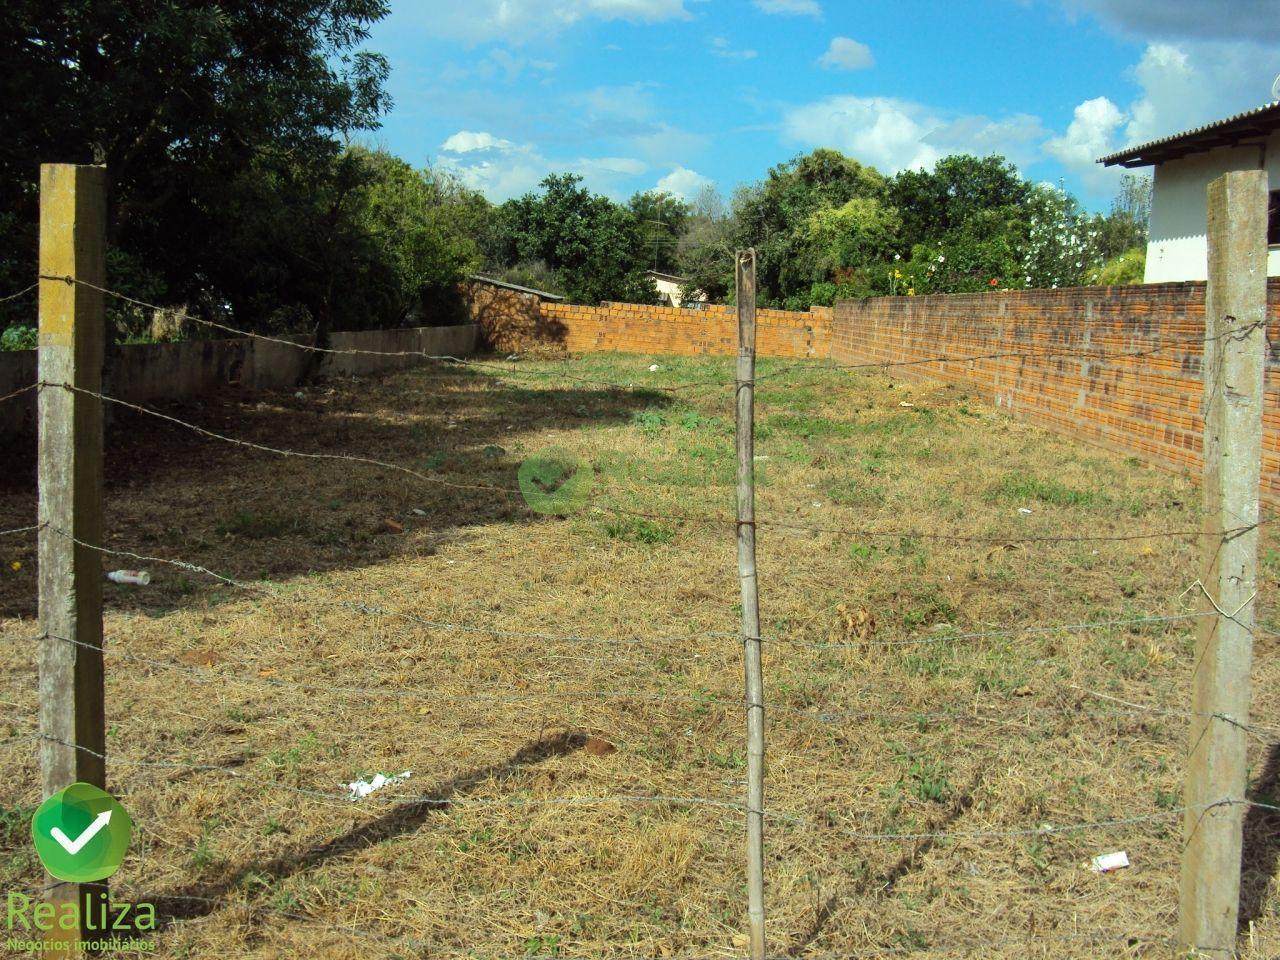 Terreno/Lote à venda  no Tibiriça - Cachoeira do Sul, RS. Imóveis